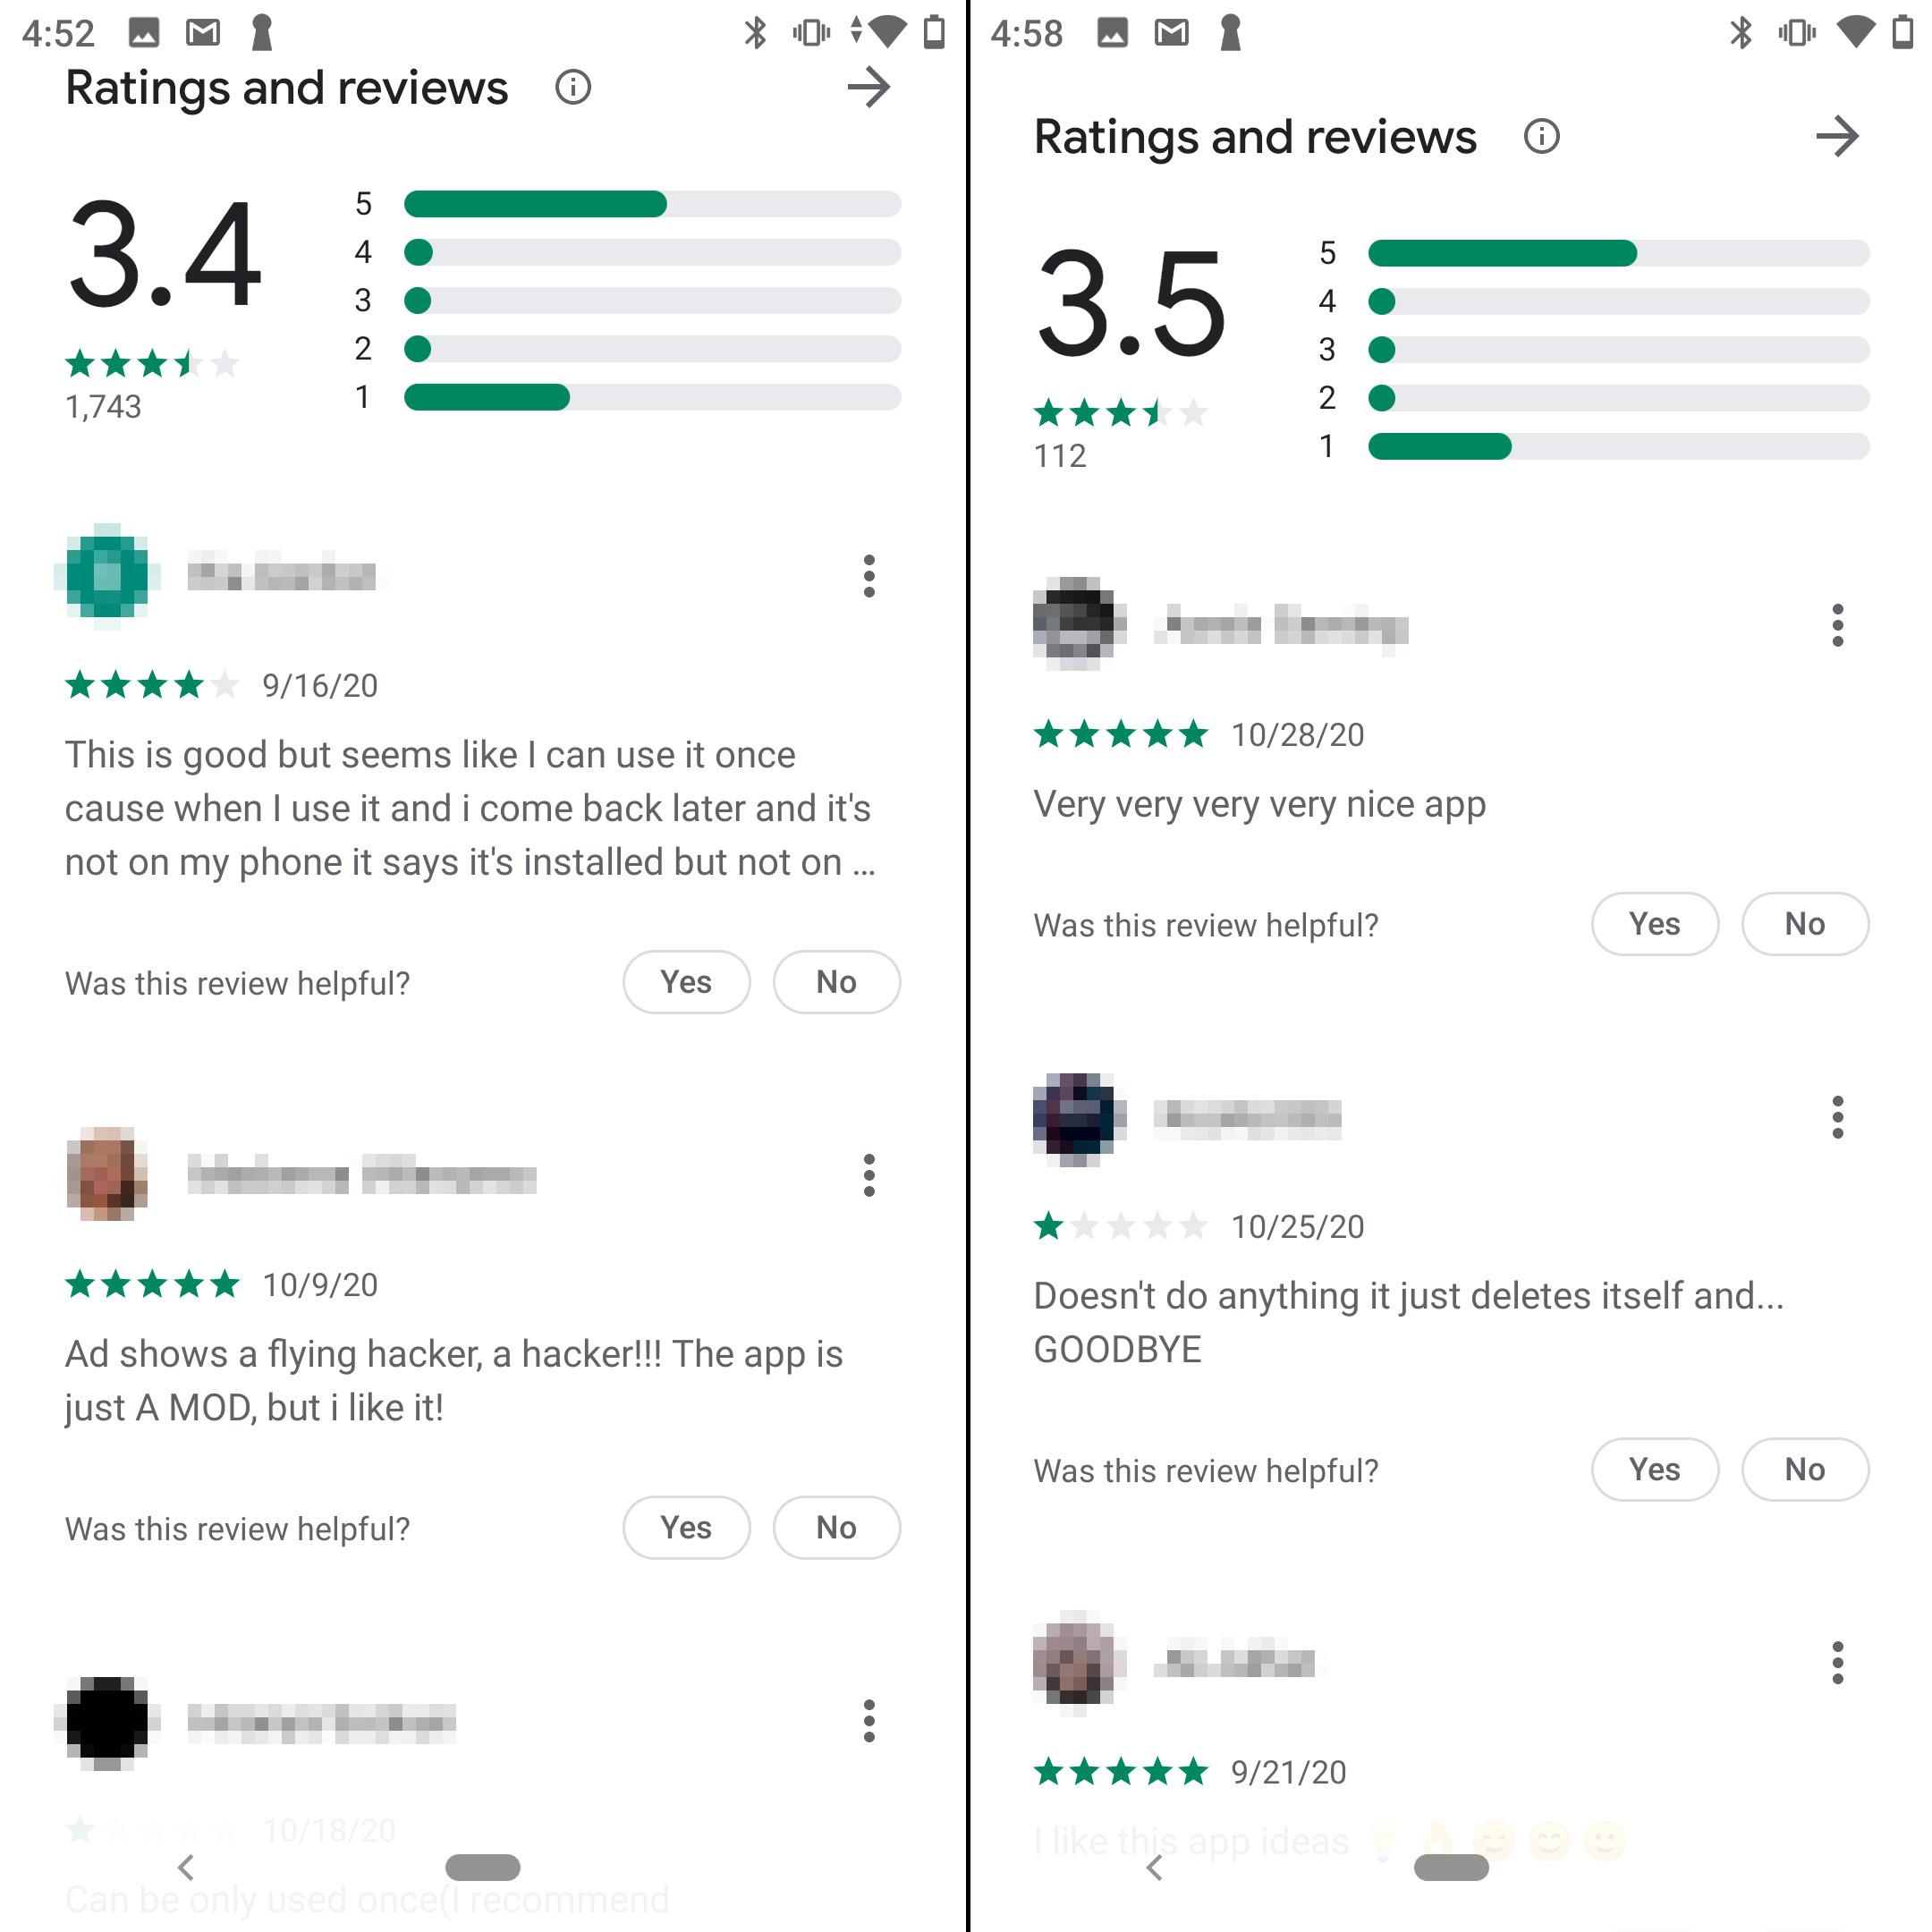 Die Apps bekommen entweder fünf Sterne oder nur einen. Sehr verdächtig!